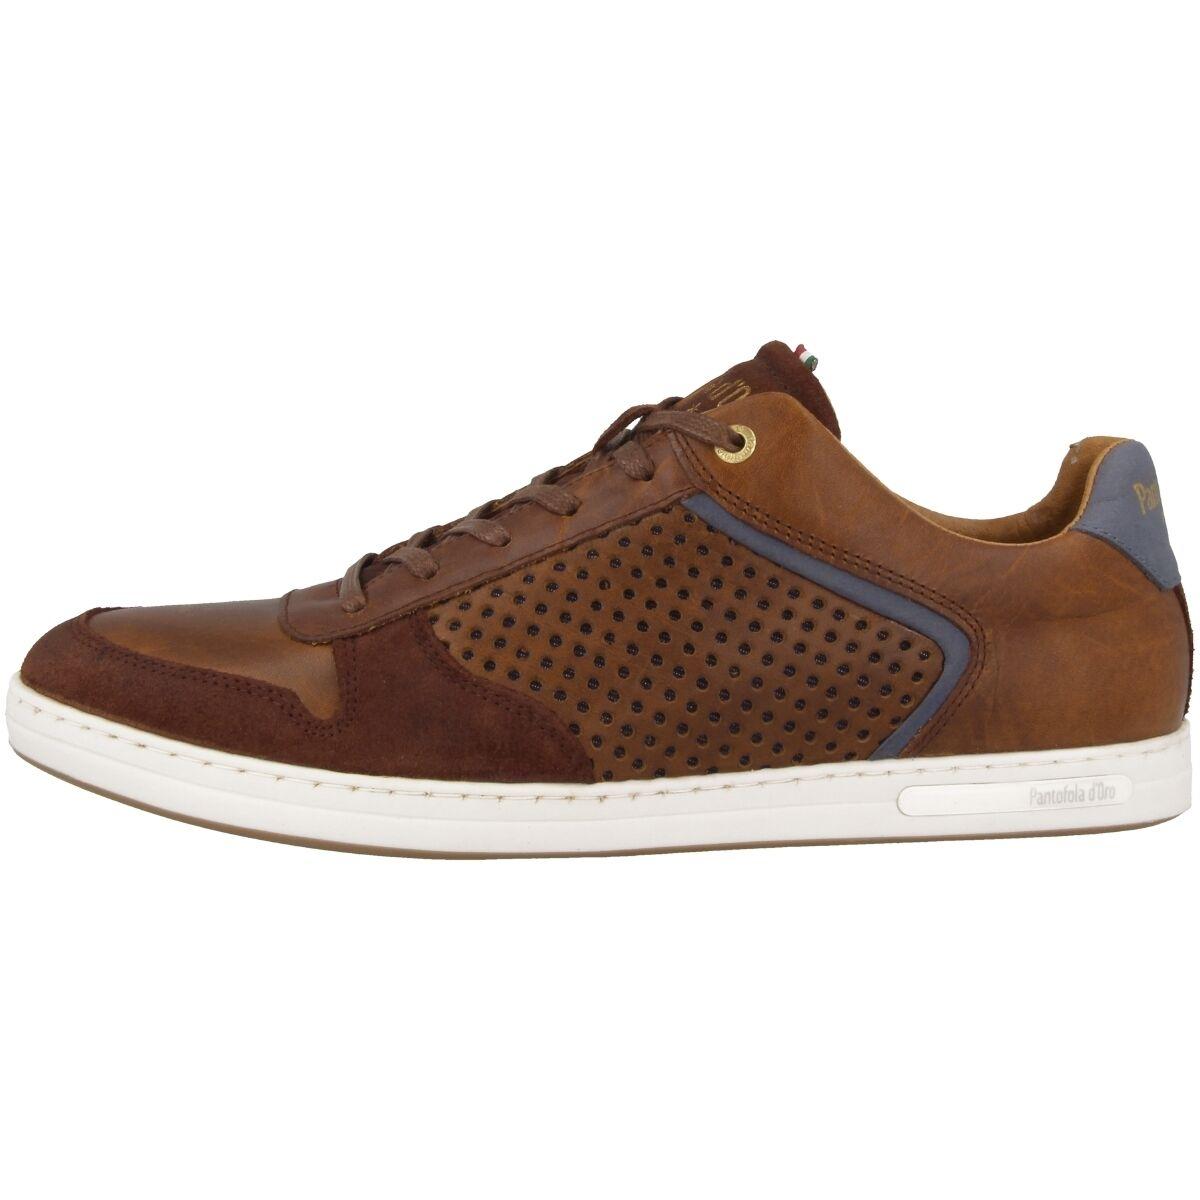 Pantofola d Oro Auronzo  Herren Niedrig Schuhe Sneaker Herren Sneaker Schuhe tortoise 10171010.JCU 495231